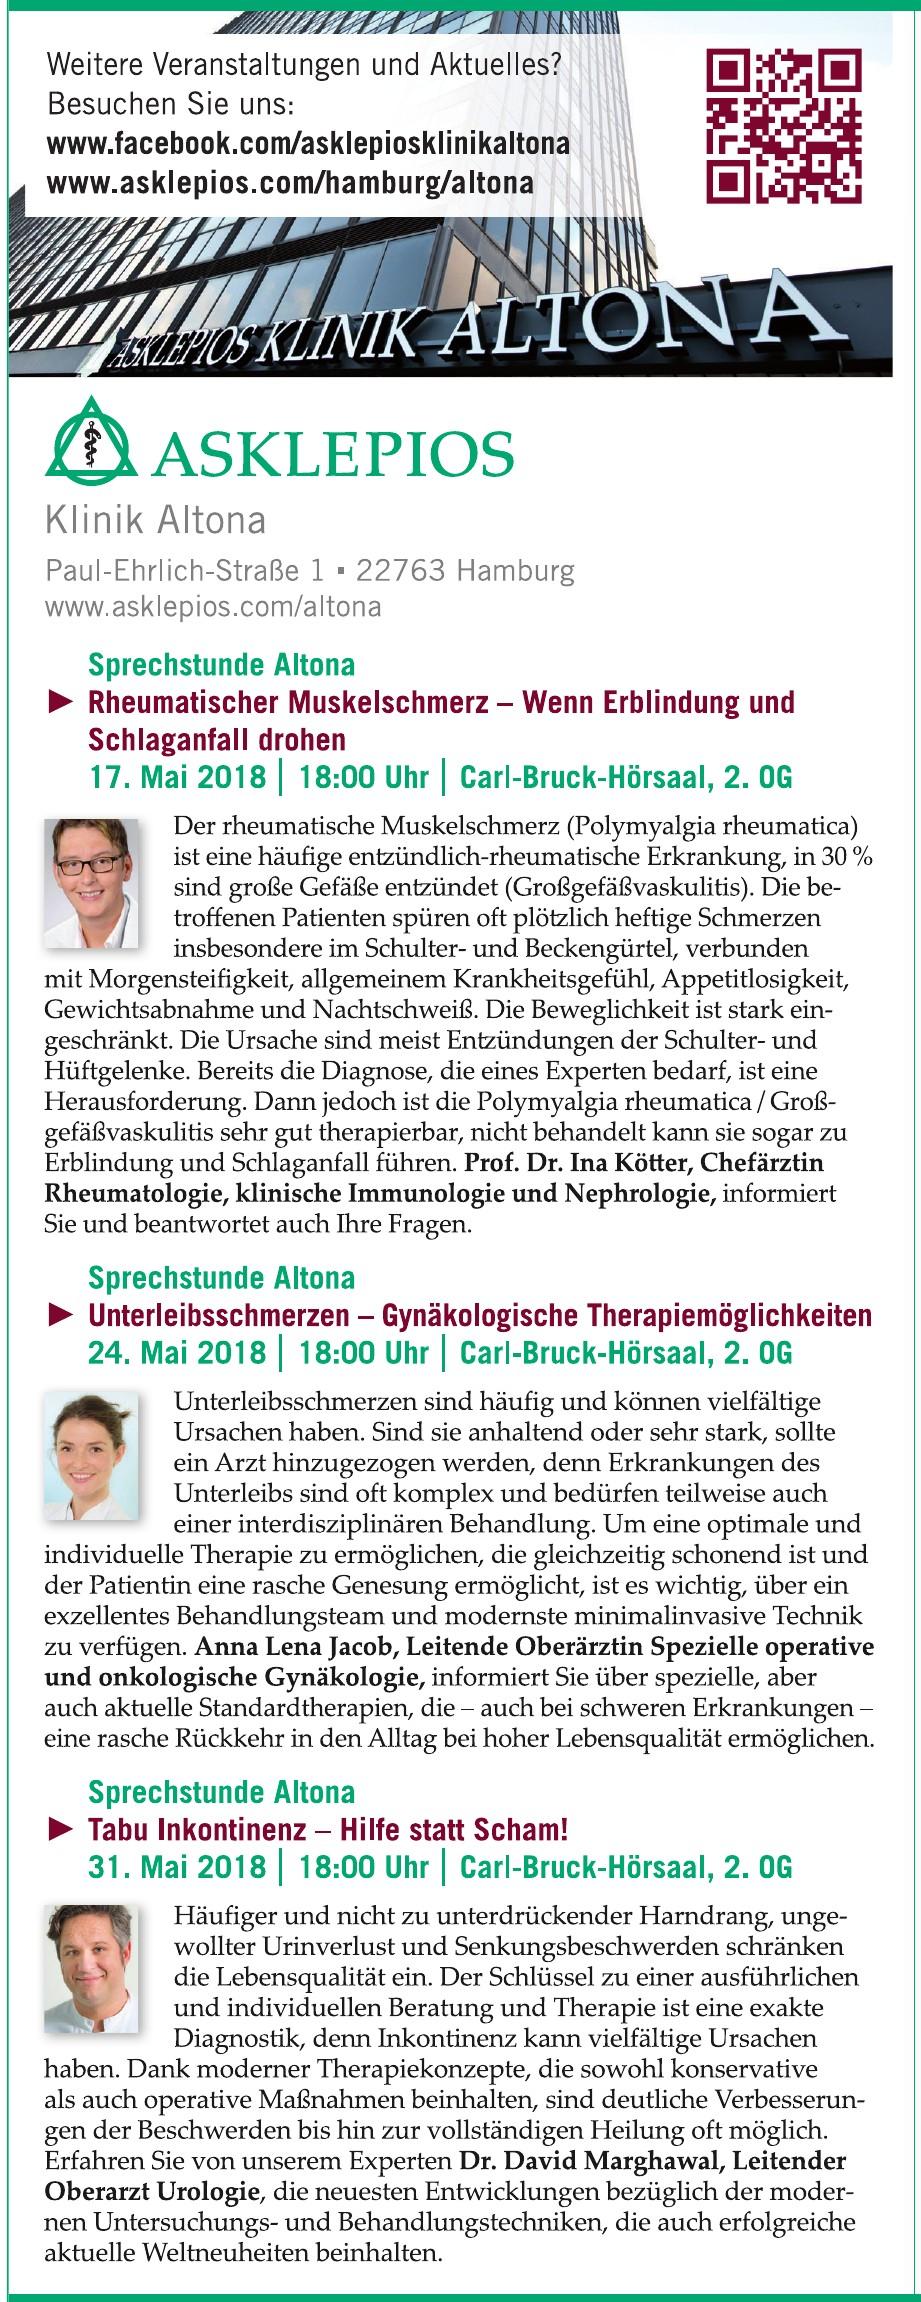 Asklepios Klinik Altona